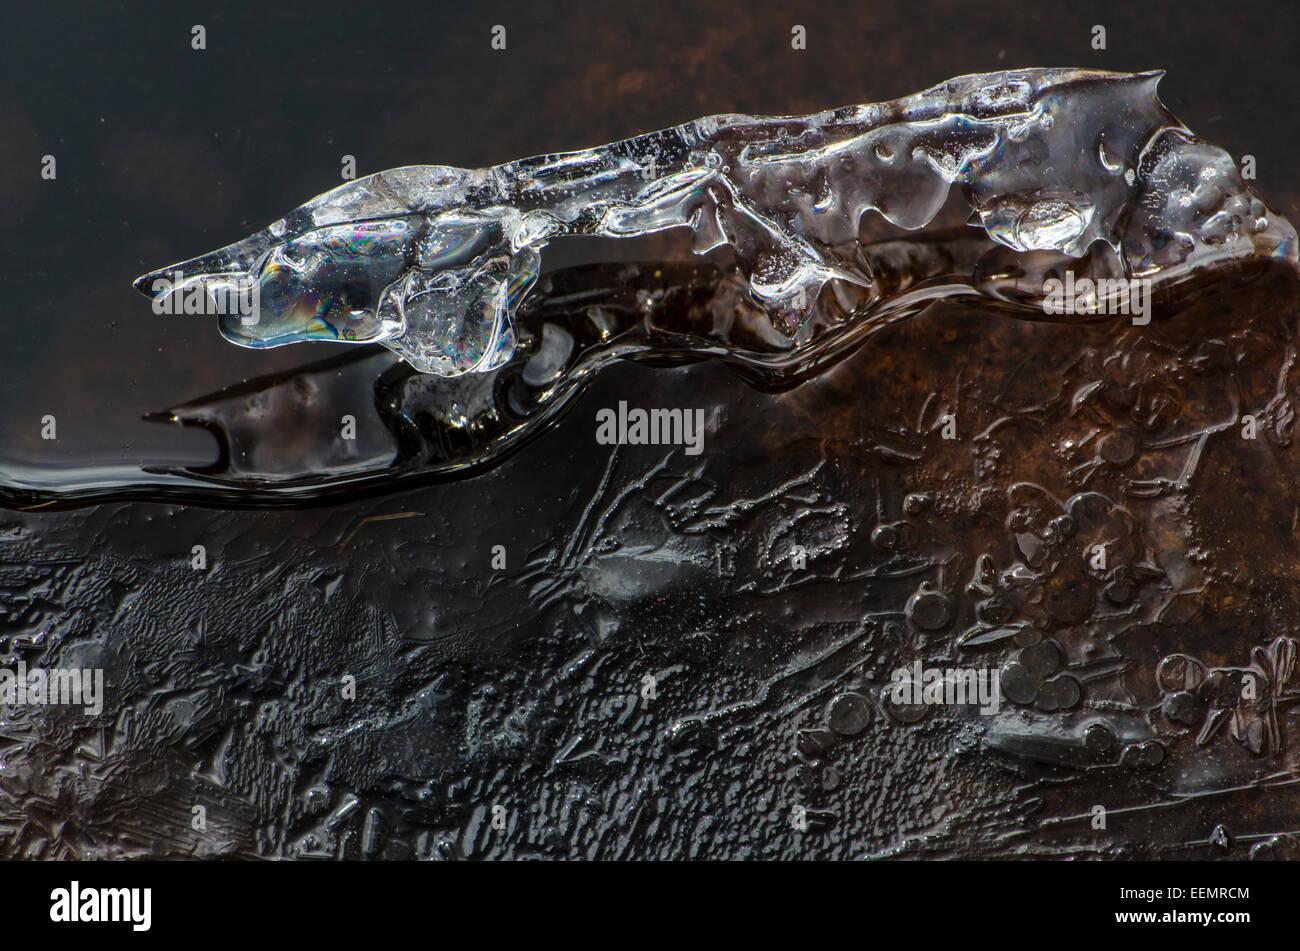 Eisformation in Einem Bach, Finnskogen, Hedmark Fylke, Norwegen, April 2012 Stockbild